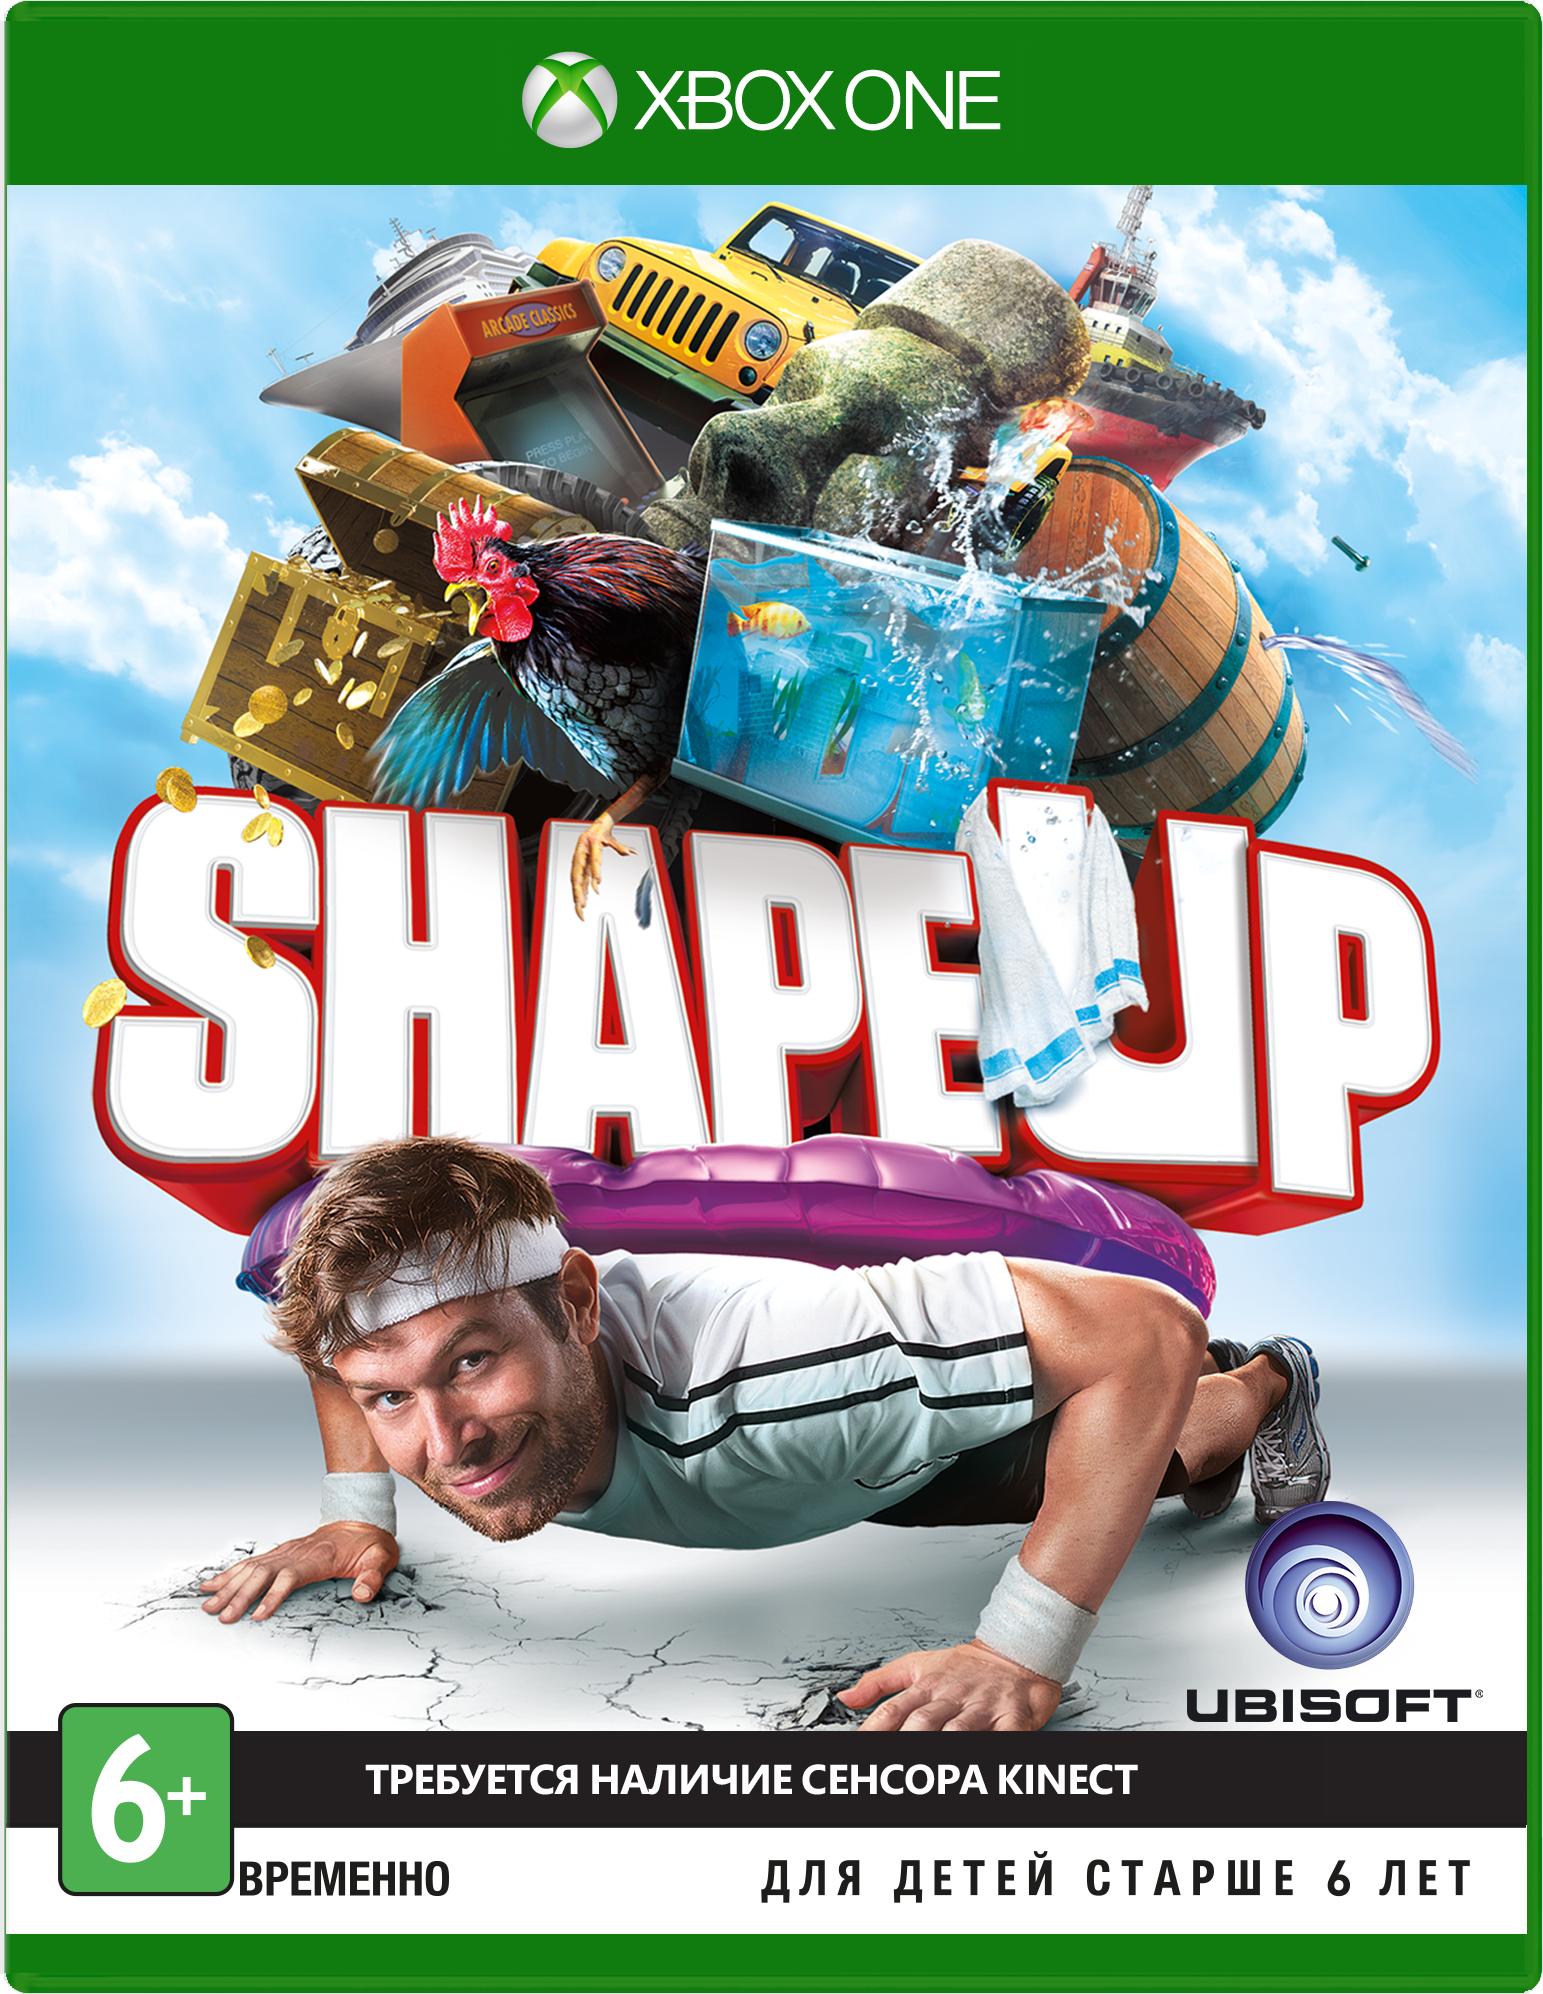 Shape Up (только для Kinect) [Xbox One]Нет времени ходить в спортзал? Надоели однообразные упражнения? Shape Up – фитнес для вас. Выполняйте полутораминутные комплексы упражнений и уникальные испытания – занятия спортом никогда не были столь увлекательны!<br>